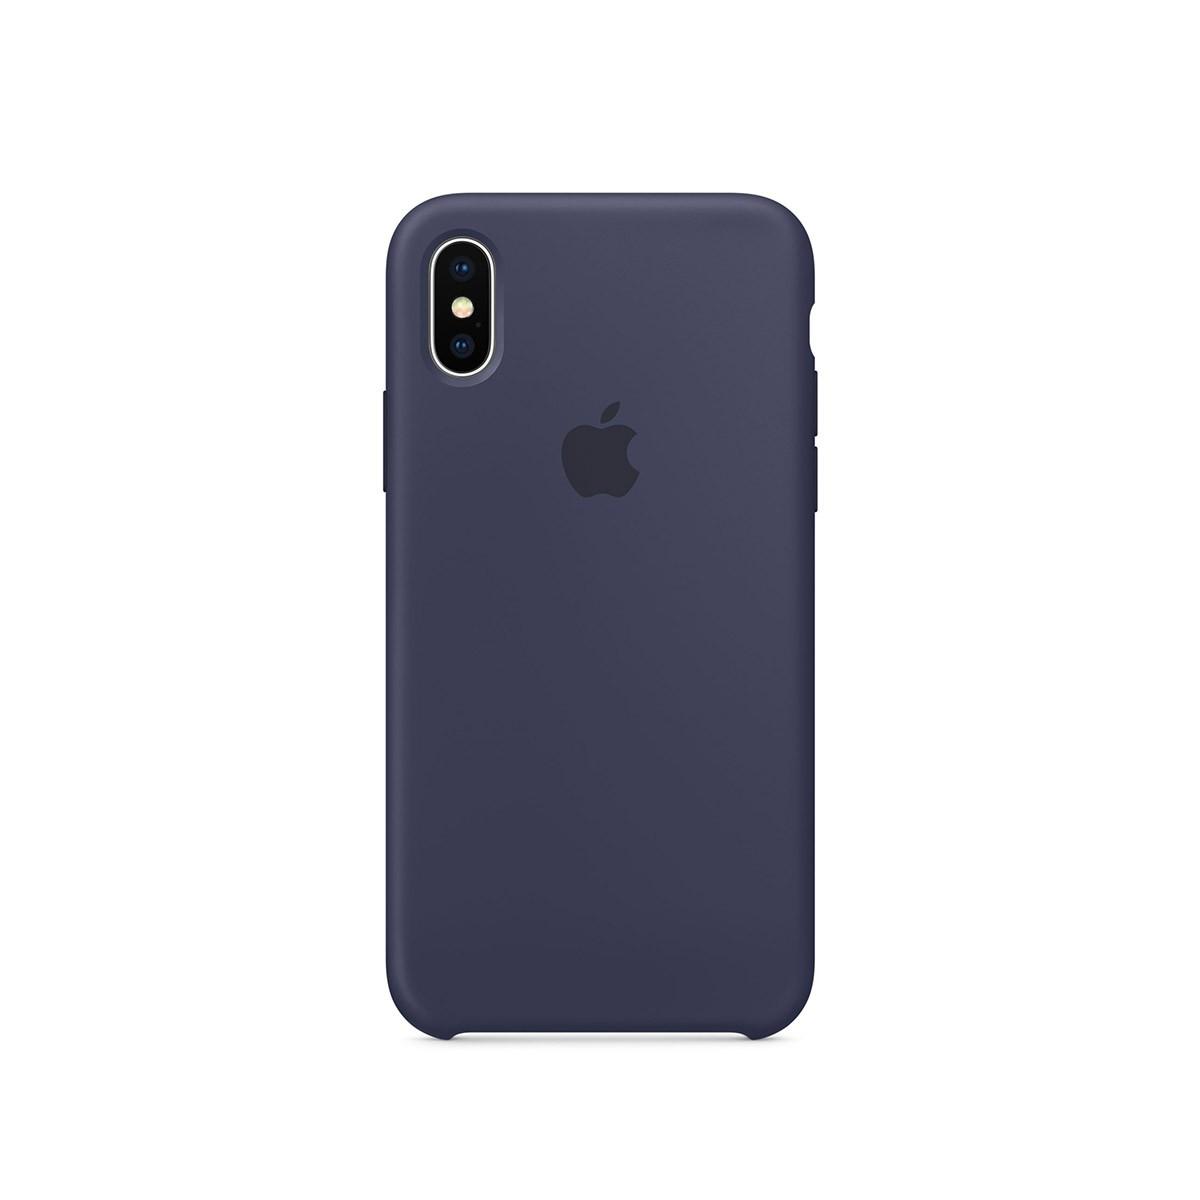 Apple silikonový kryt na iPhone X – půlnočně modrý